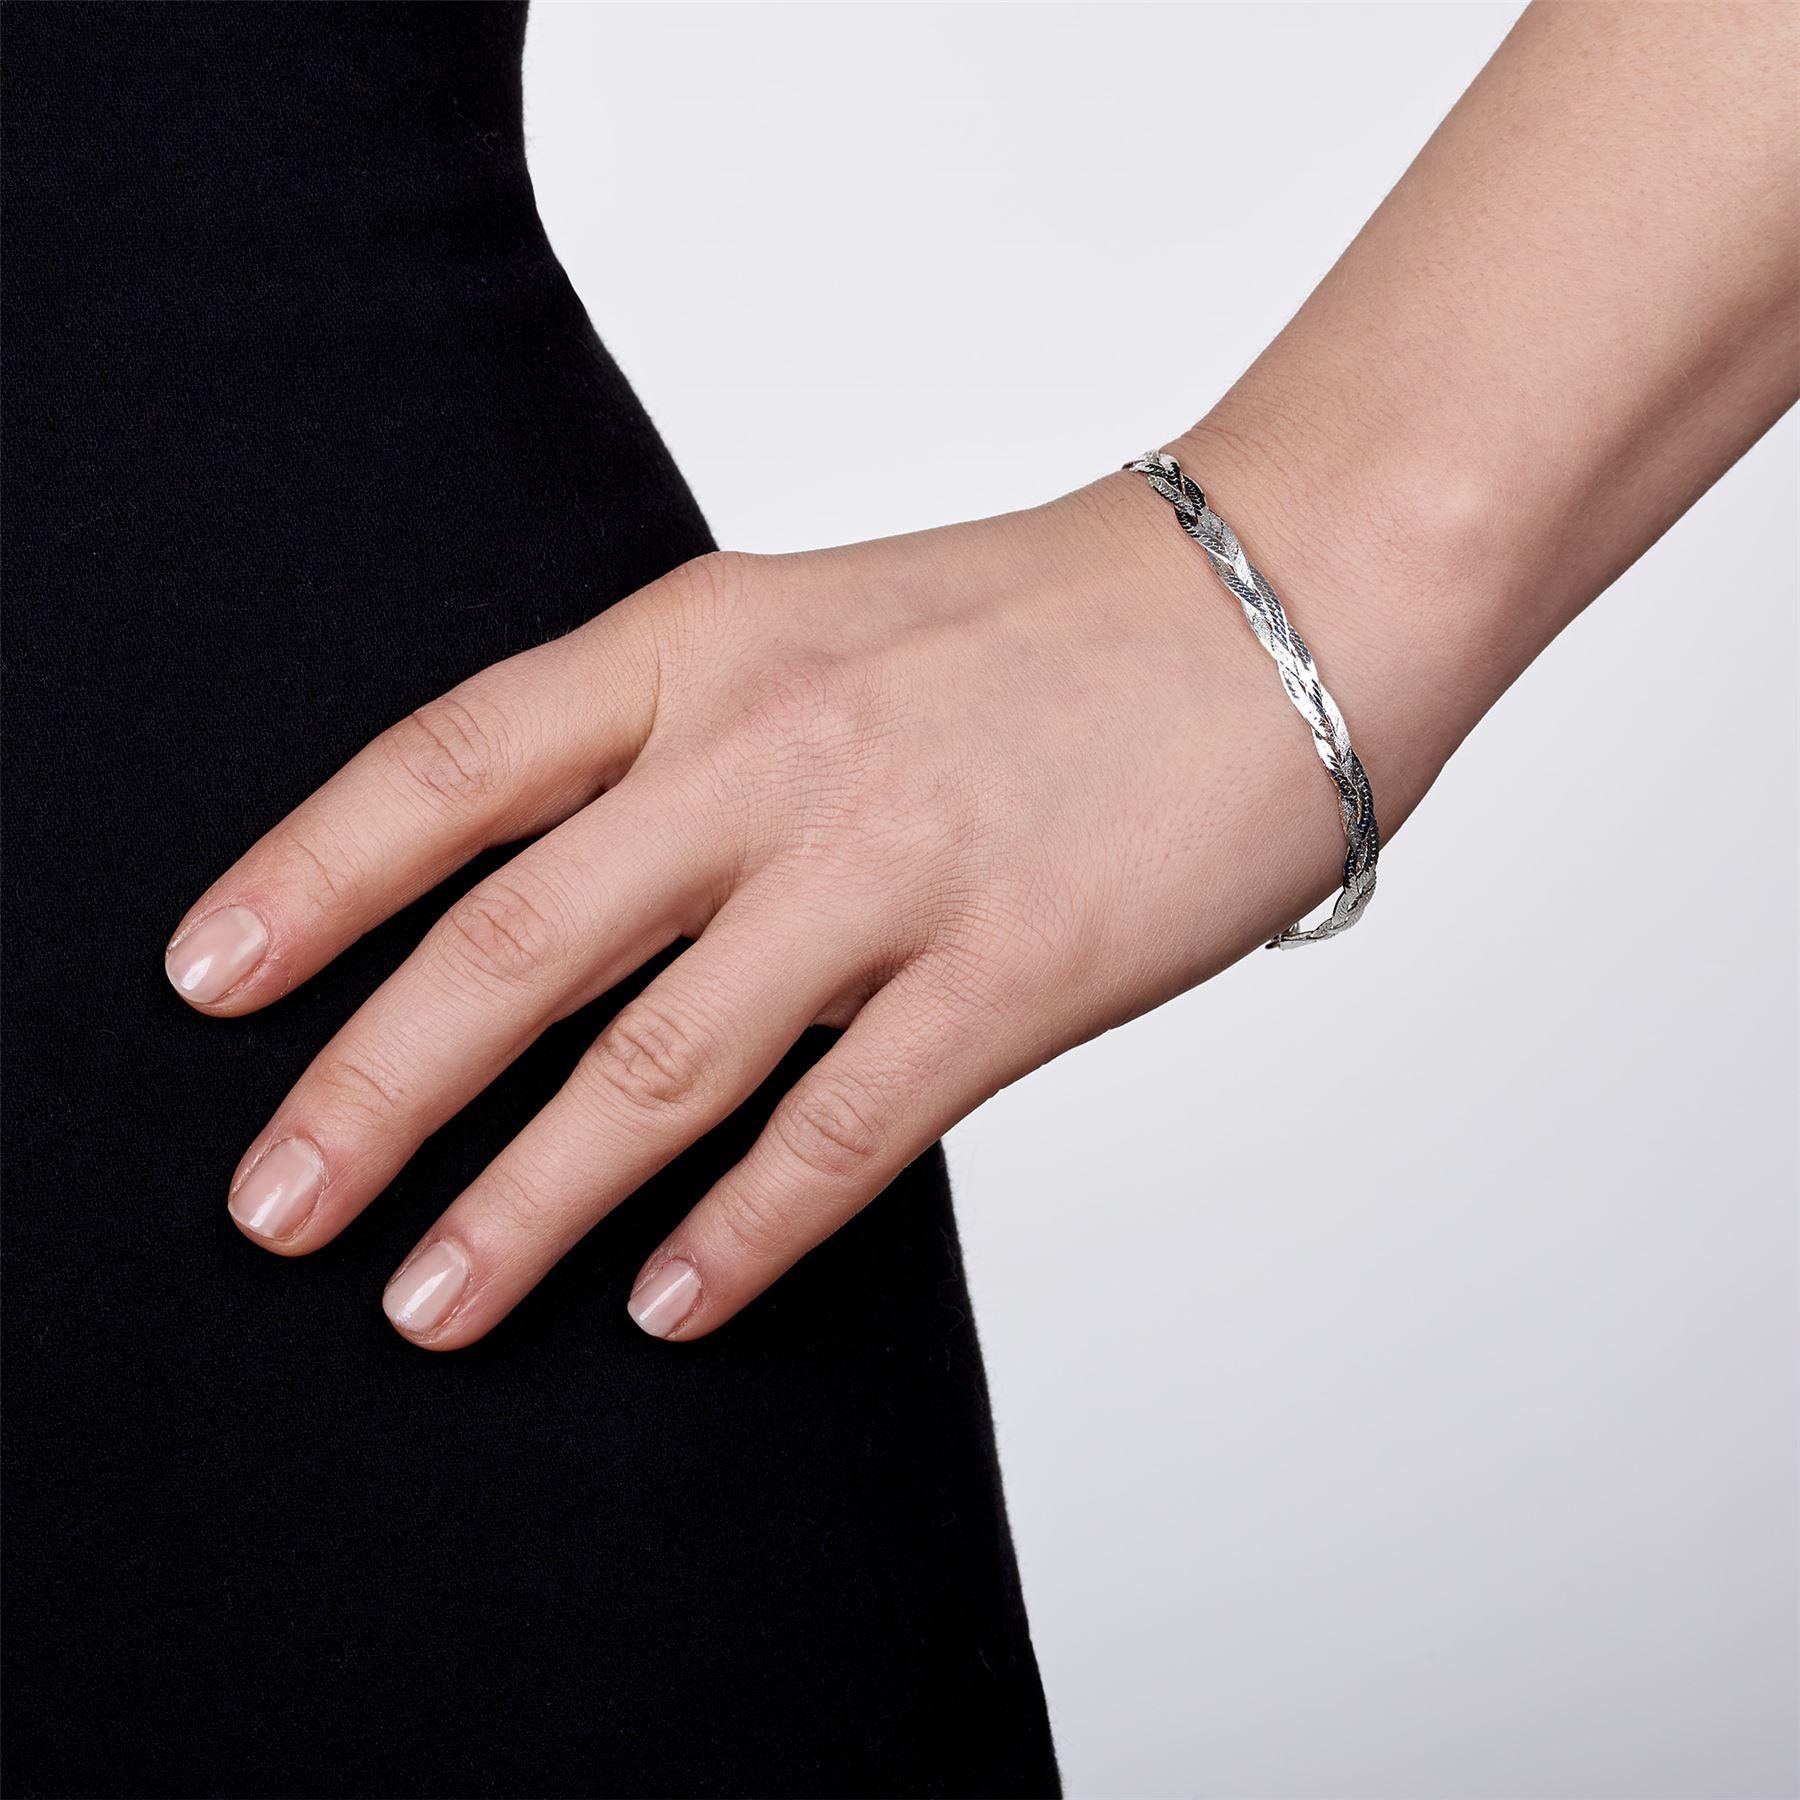 Amberta-Bijoux-Bracelet-en-Vrai-Argent-Sterling-925-Chaine-pour-Femme-a-la-Mode thumbnail 101